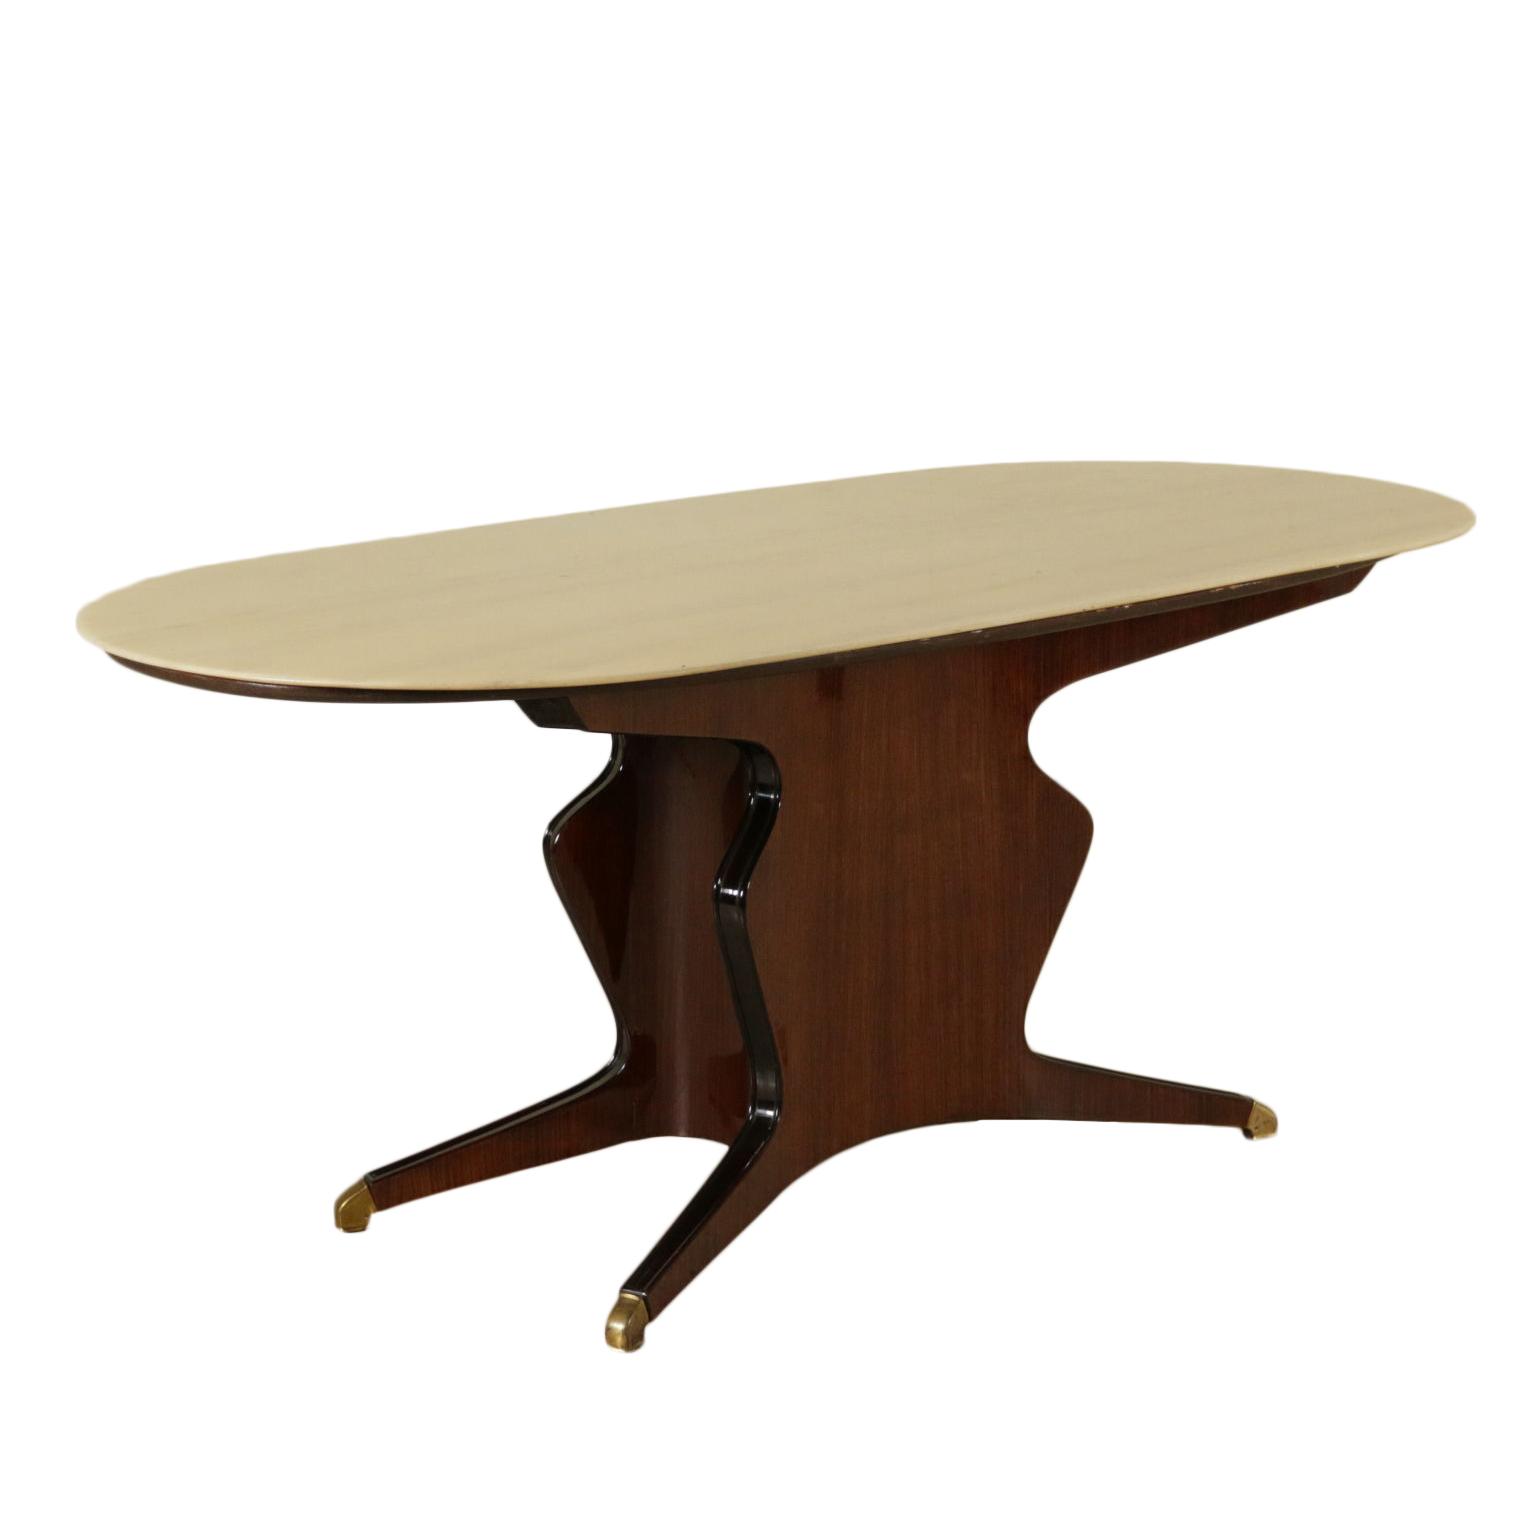 table de salle manger osvaldo borsani